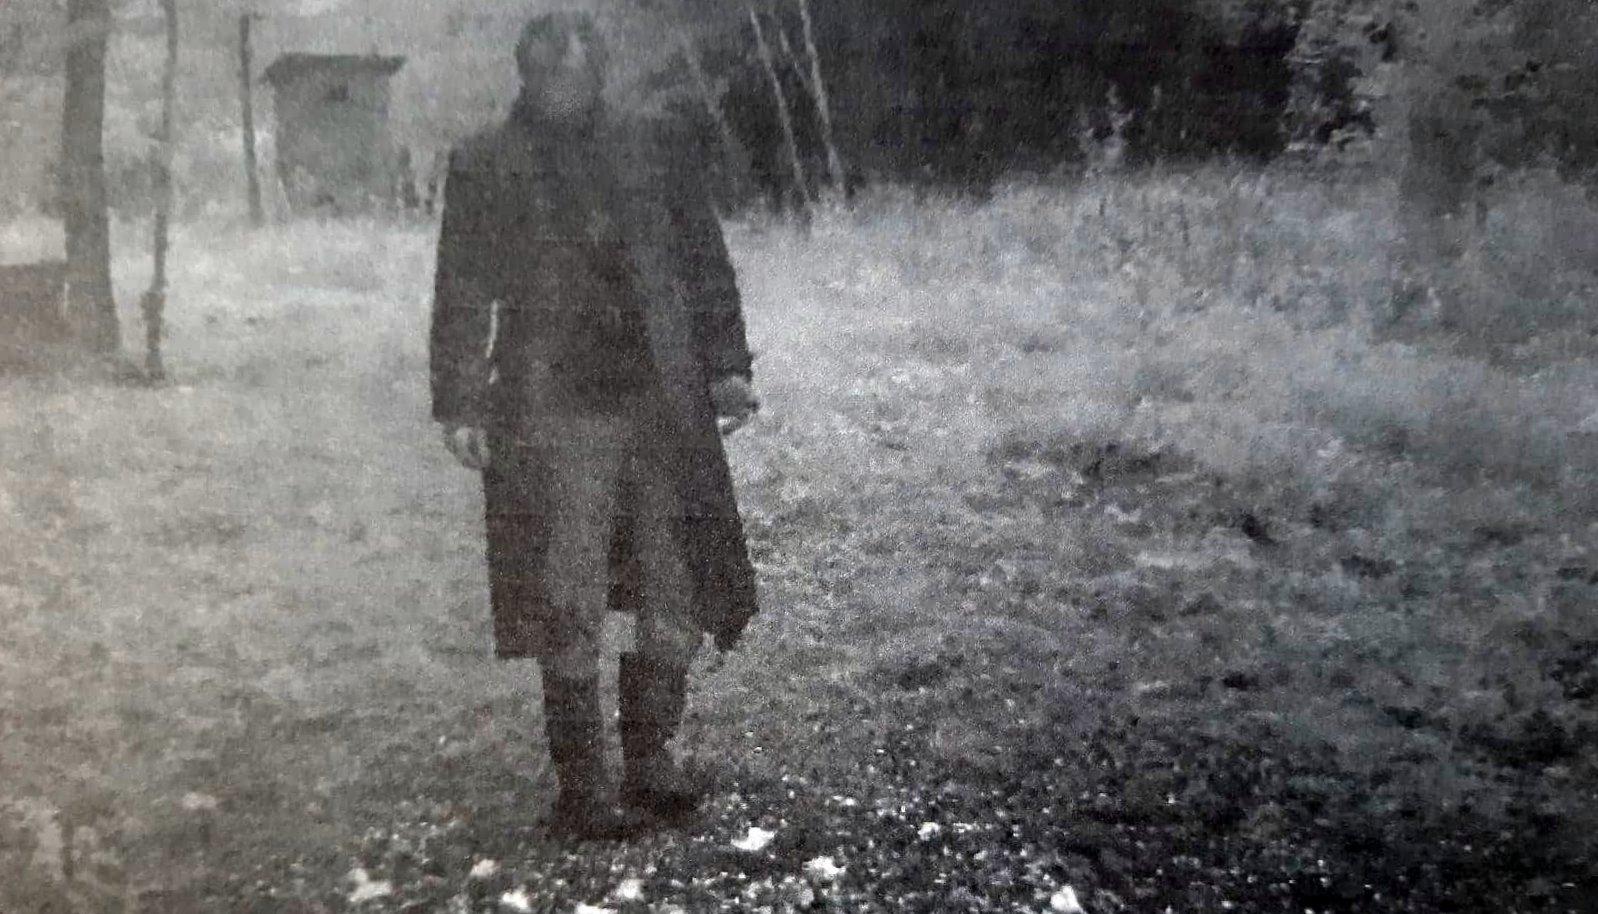 Okradał domy na pograniczu polsko-słowackim. Zatrzymany w balnickim lesie! [FOTO] - Zdjęcie główne